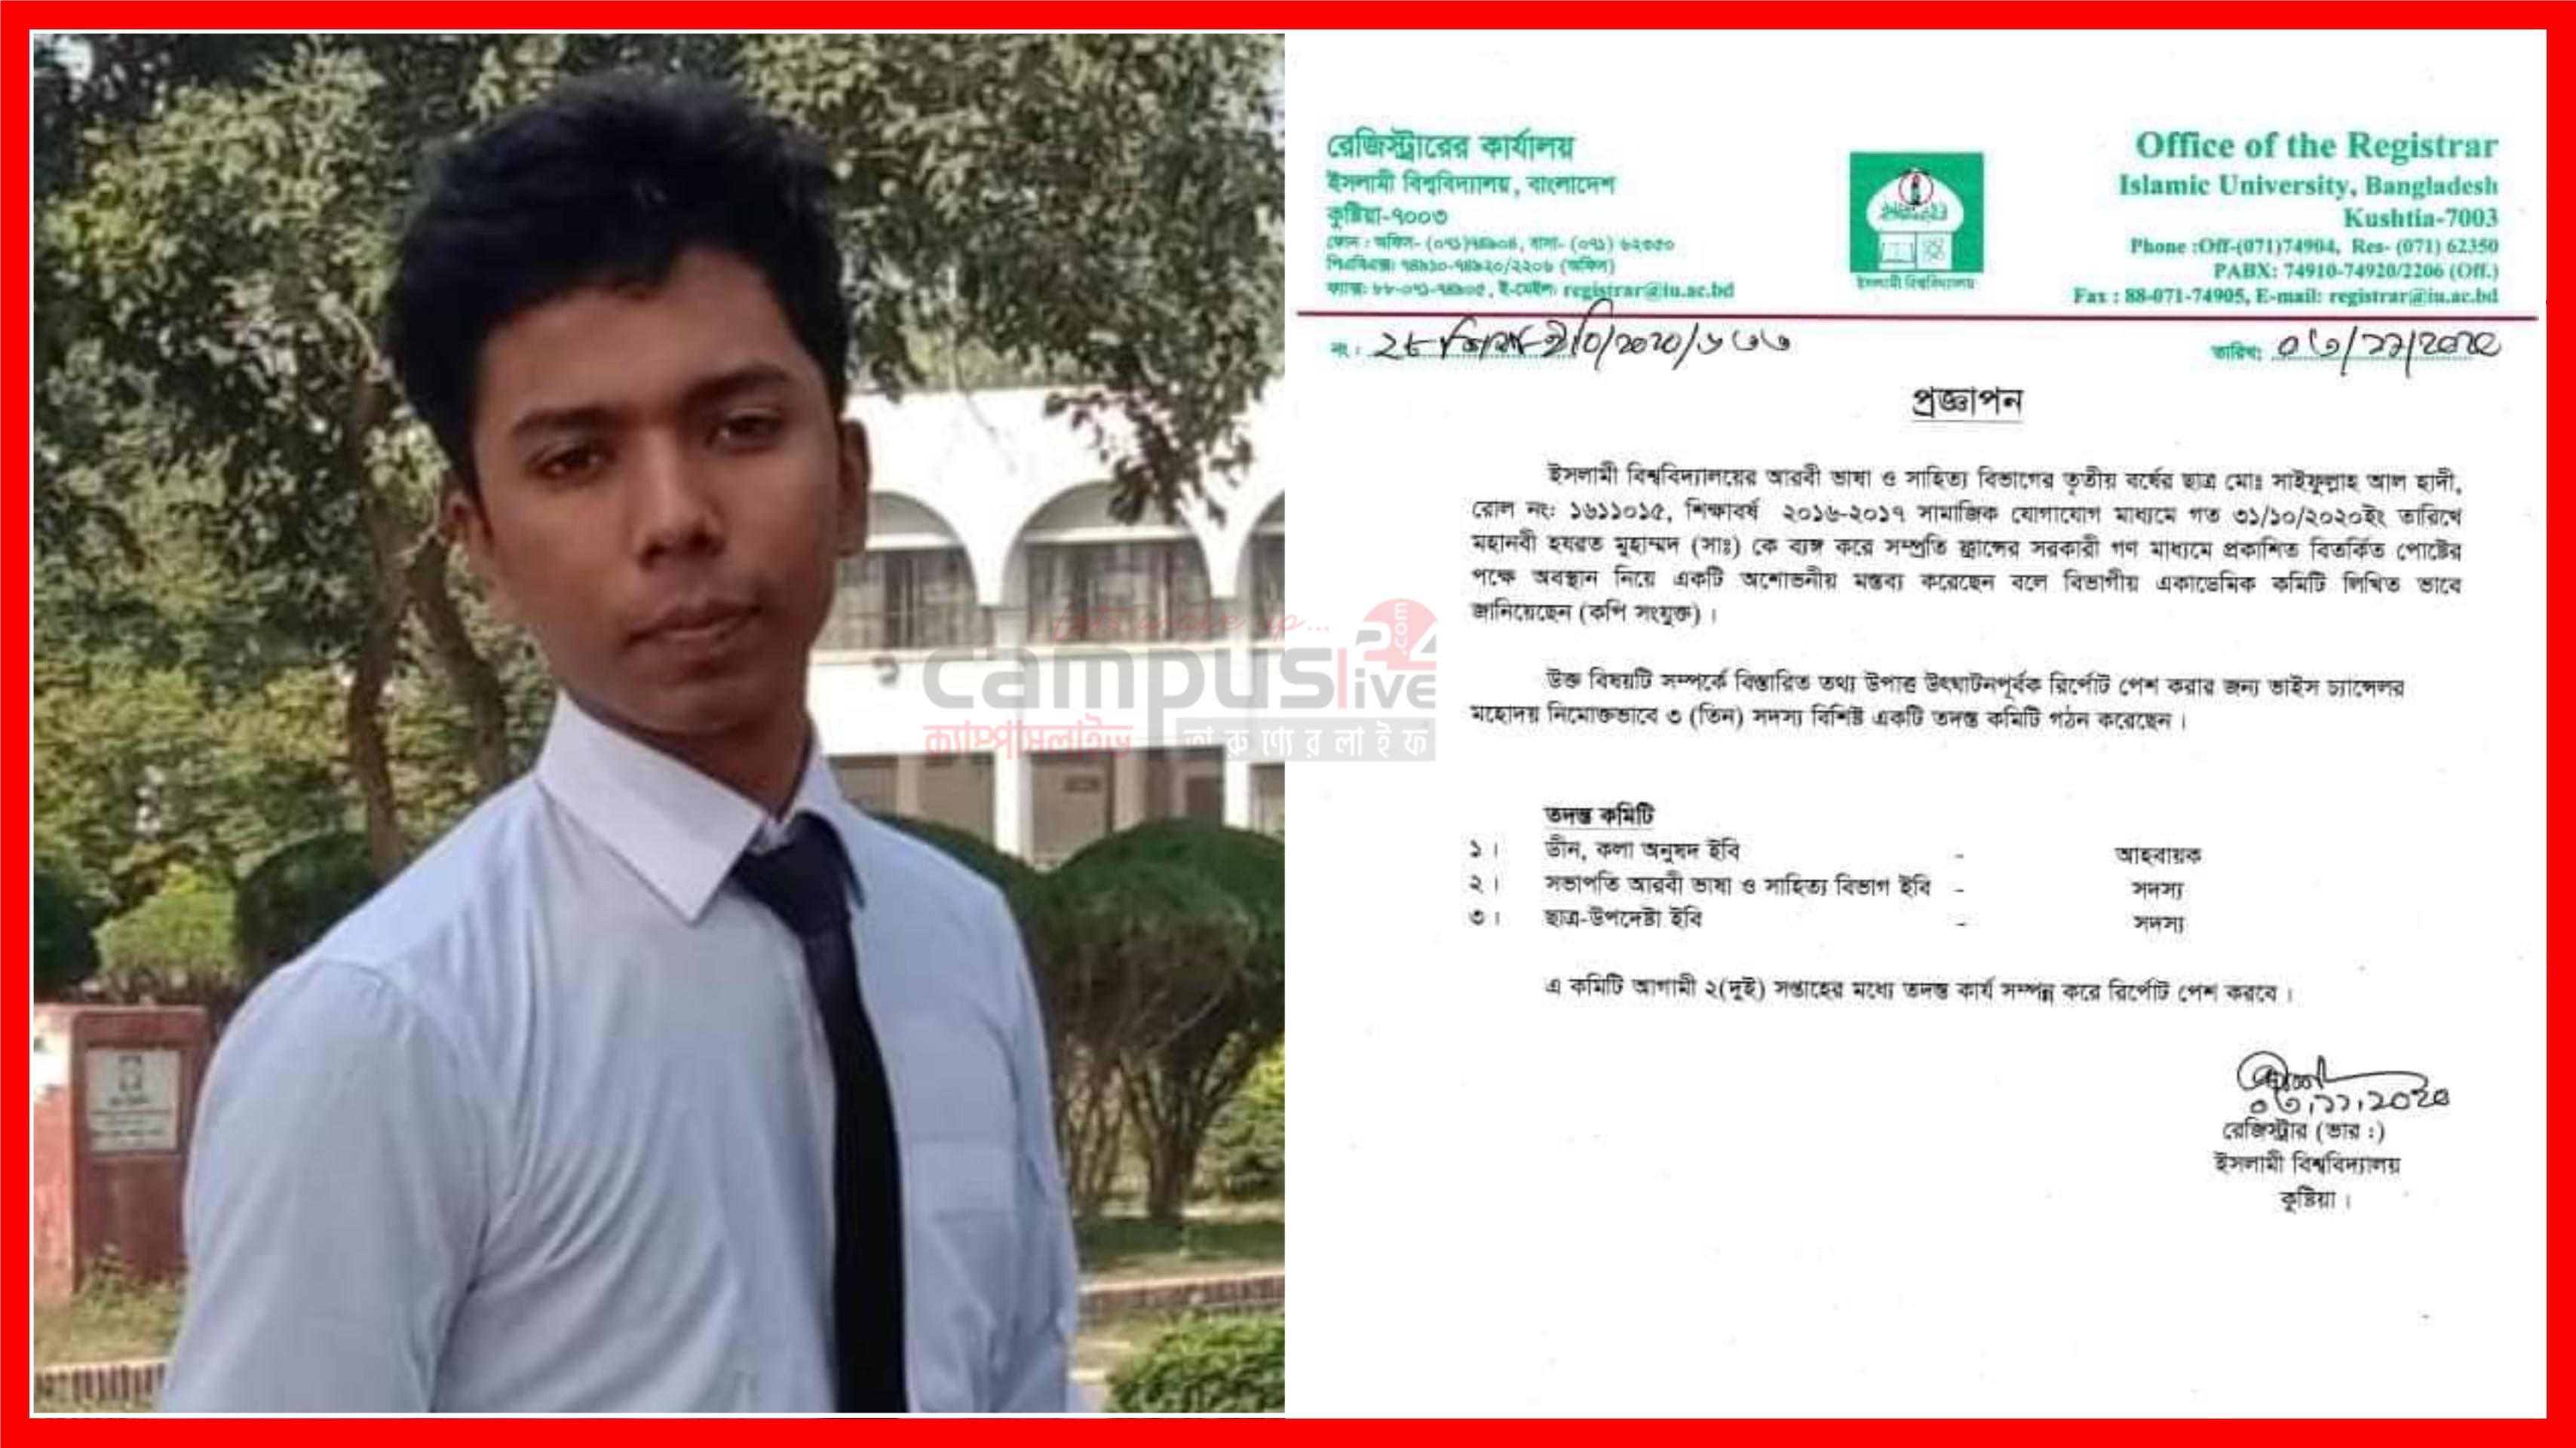 ধর্ম অবমাননা: ইবি ছাত্রের বিরুদ্ধে তদন্ত কমিটি